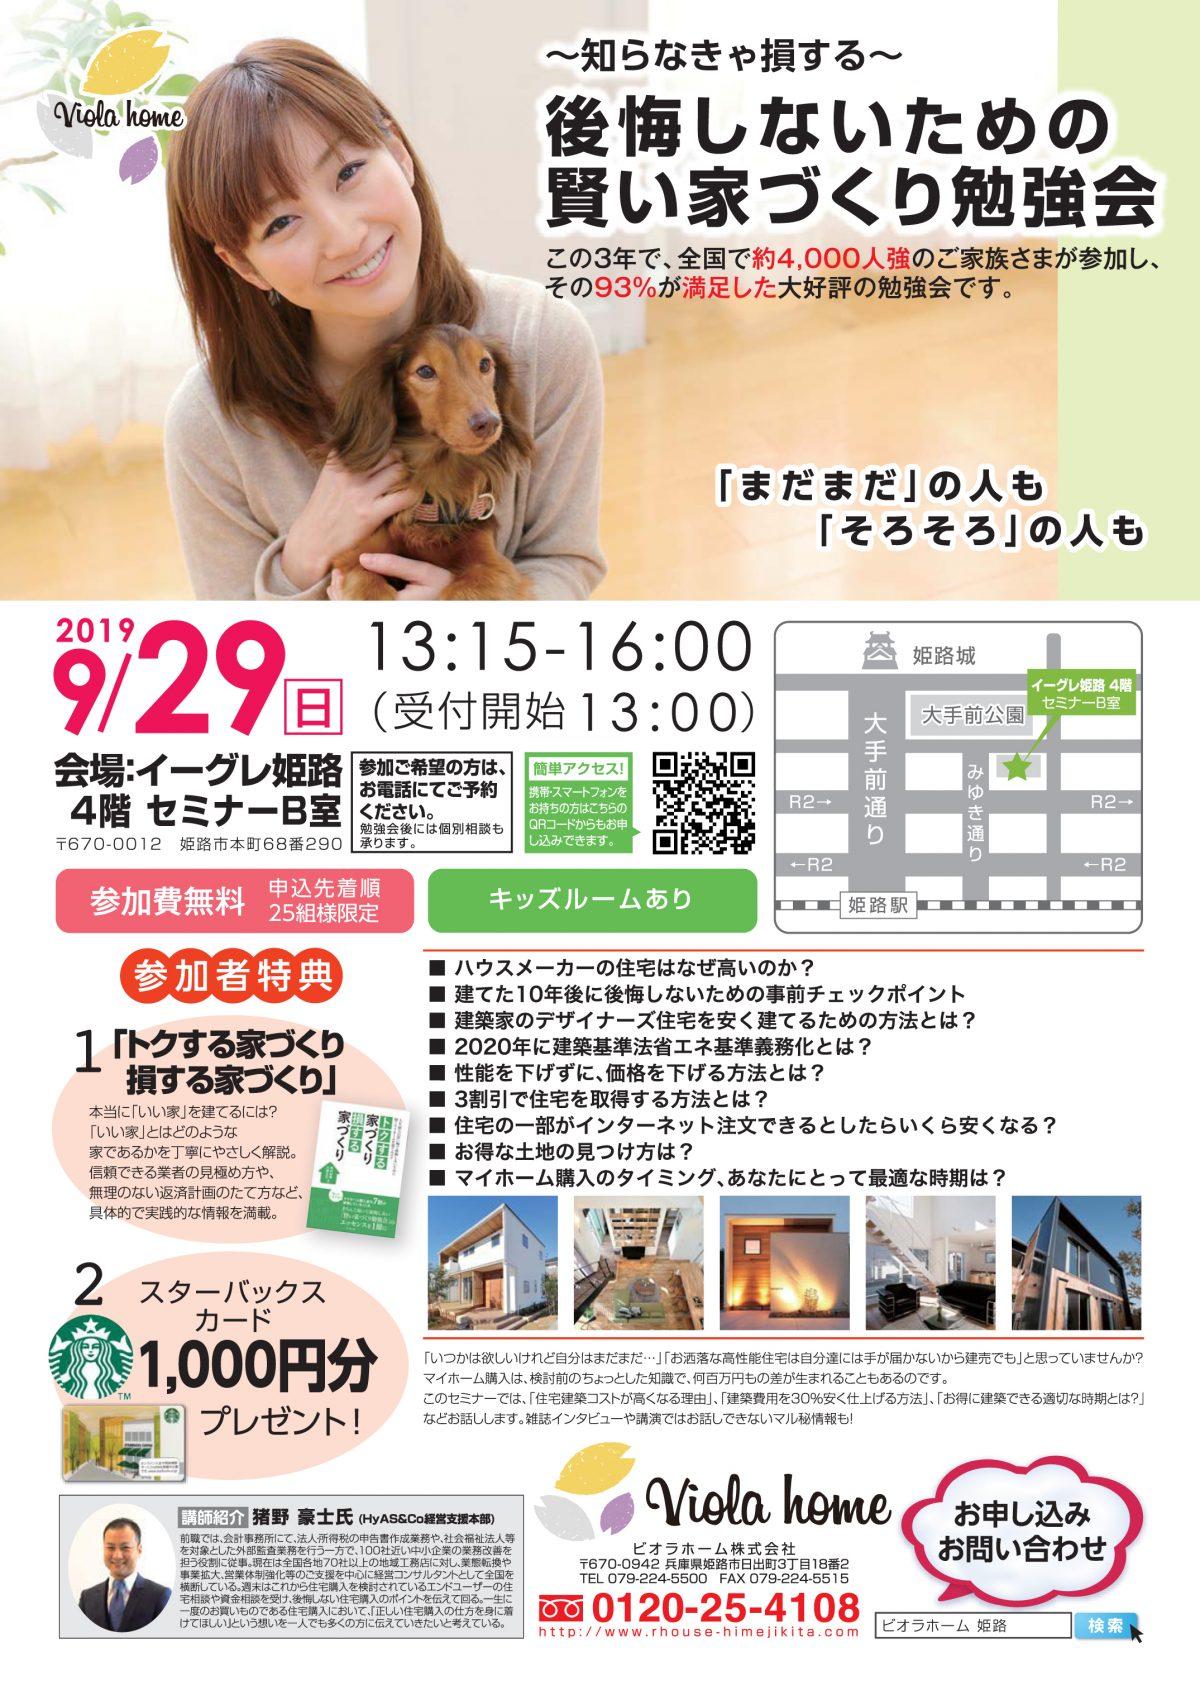 2019年09月29日(日) 賢い家づくり勉強会開催!